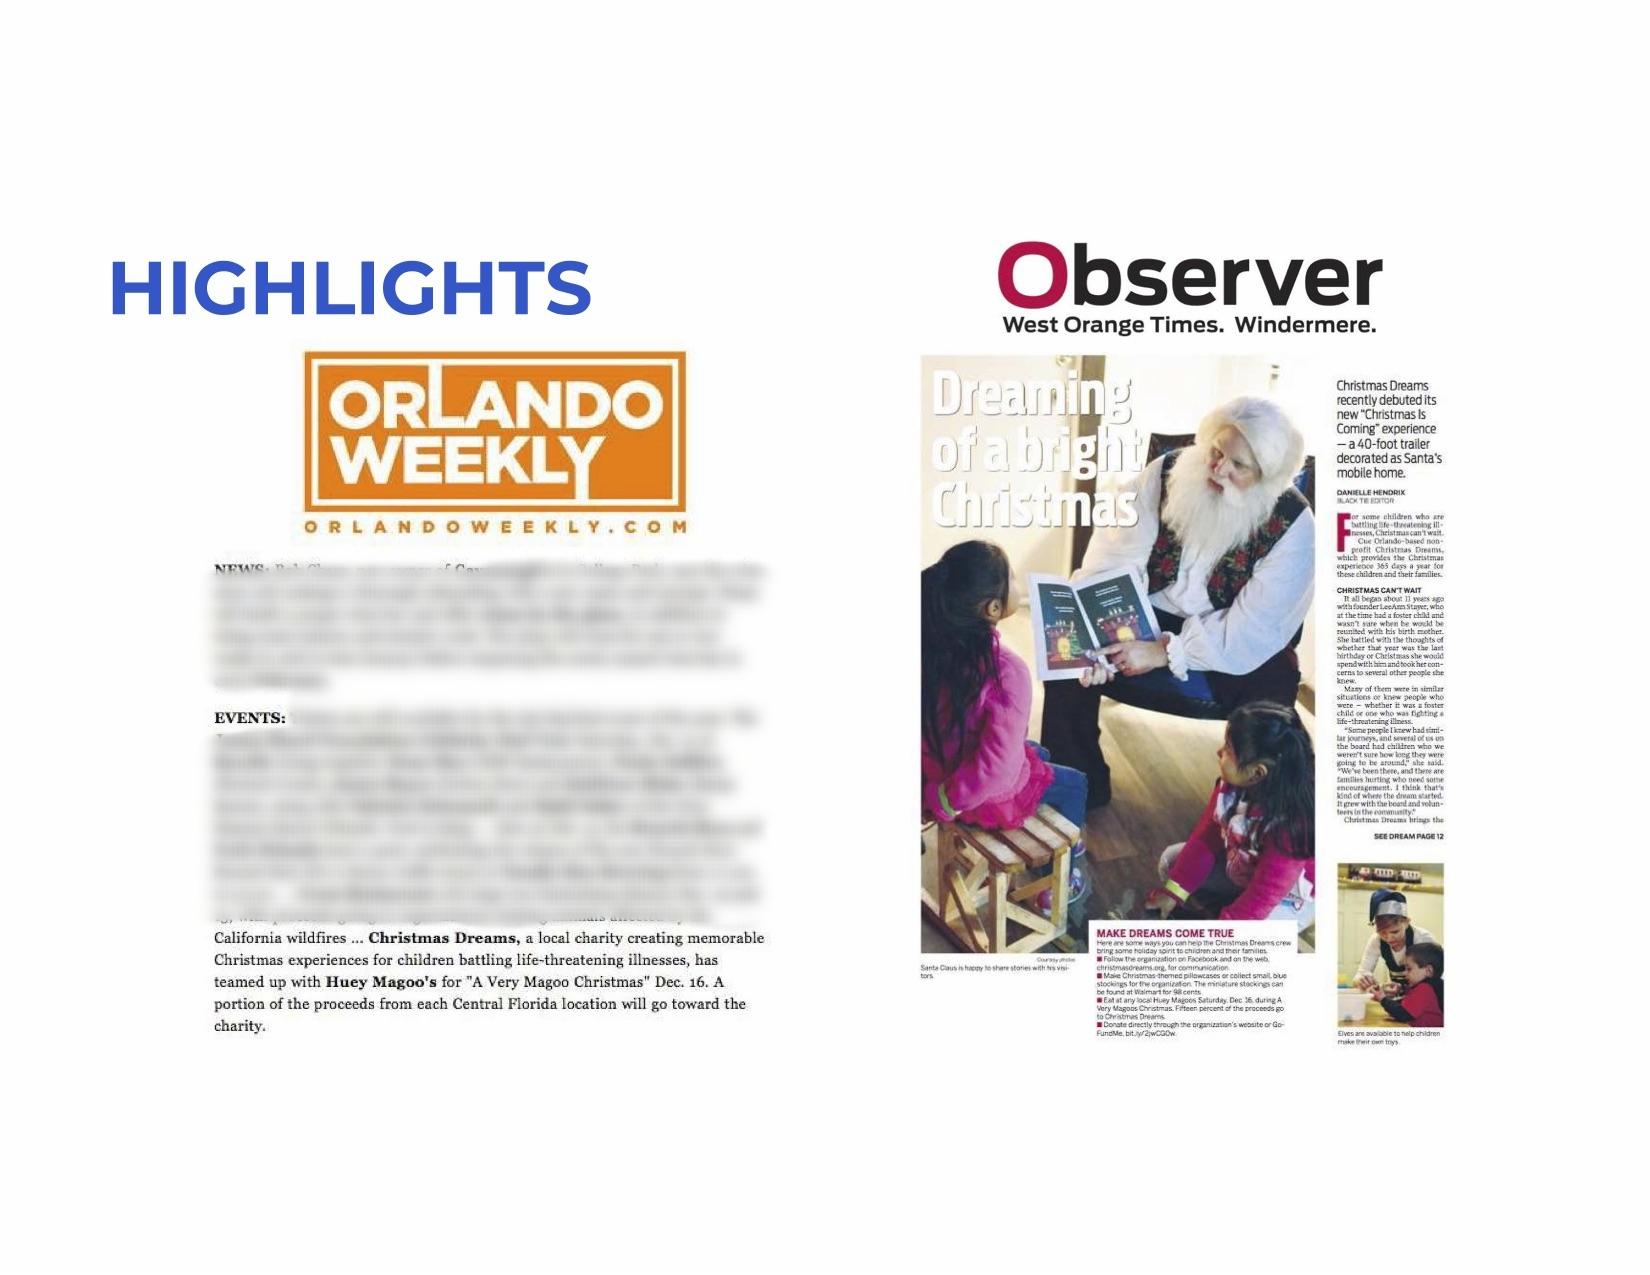 OrlandoWeekly.WestOrangeTimes.jpg